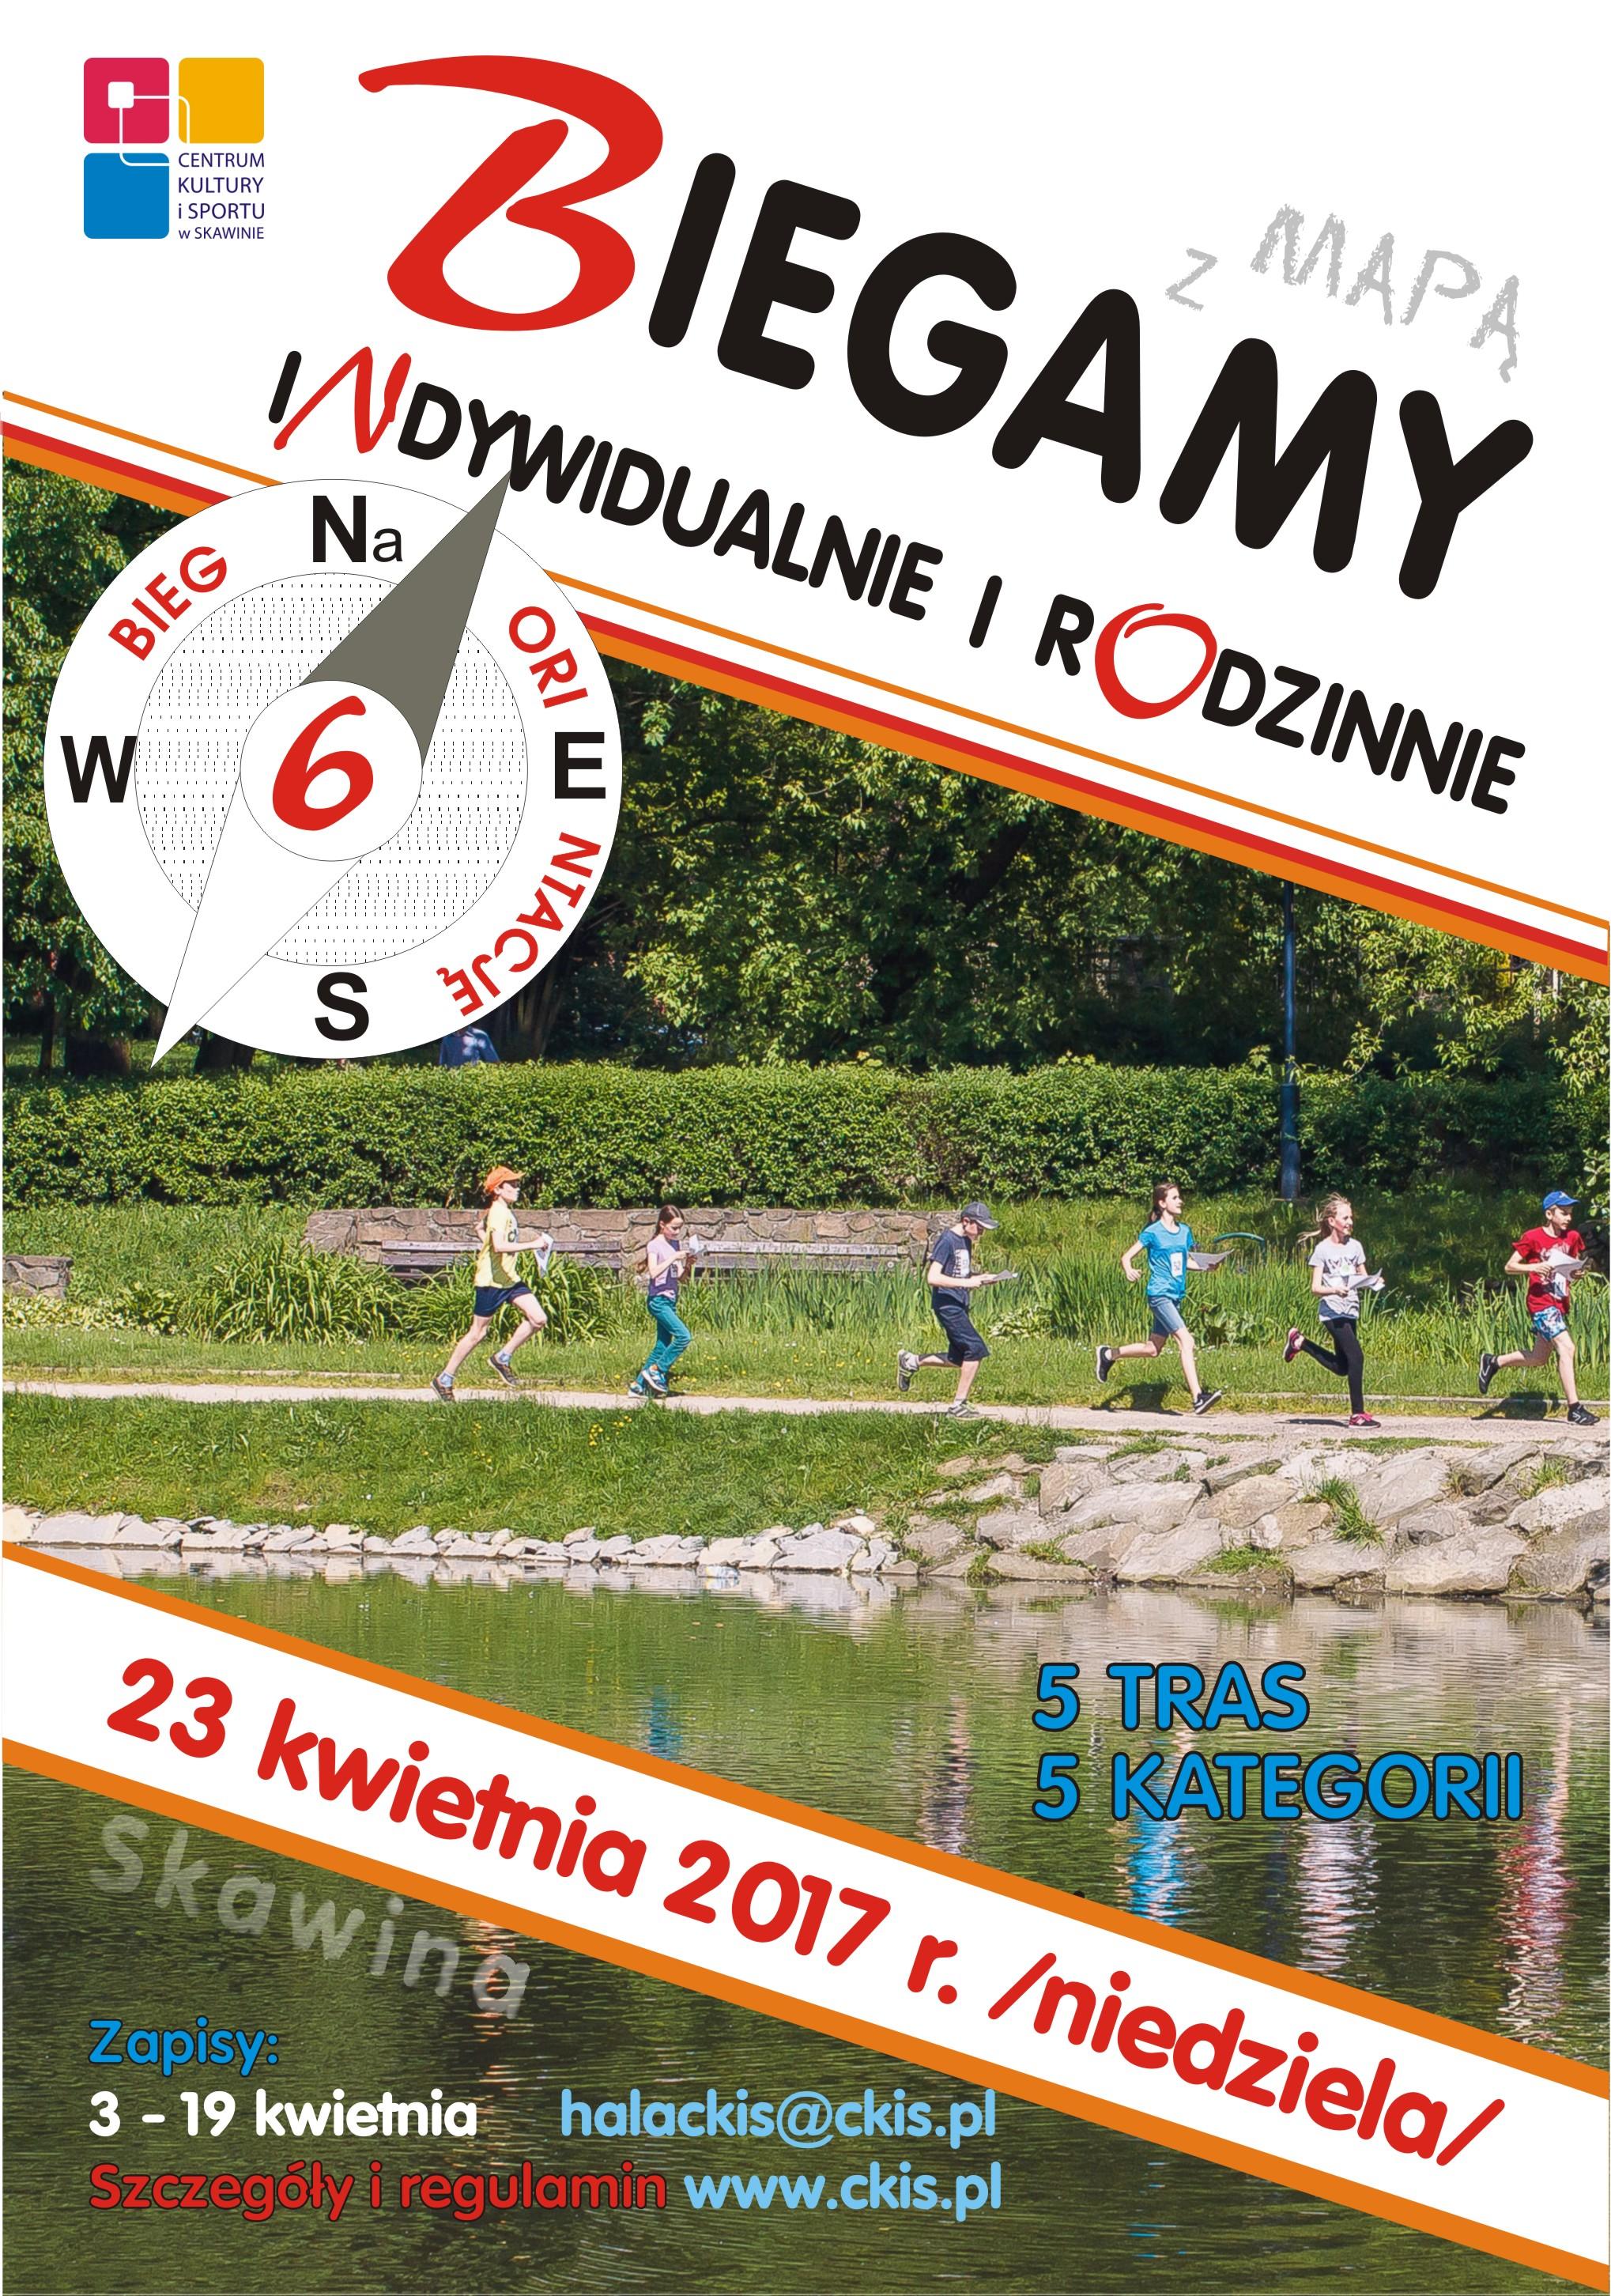 VI Skawiński Bieg Na Orientację @ Skawina | małopolskie | Polska